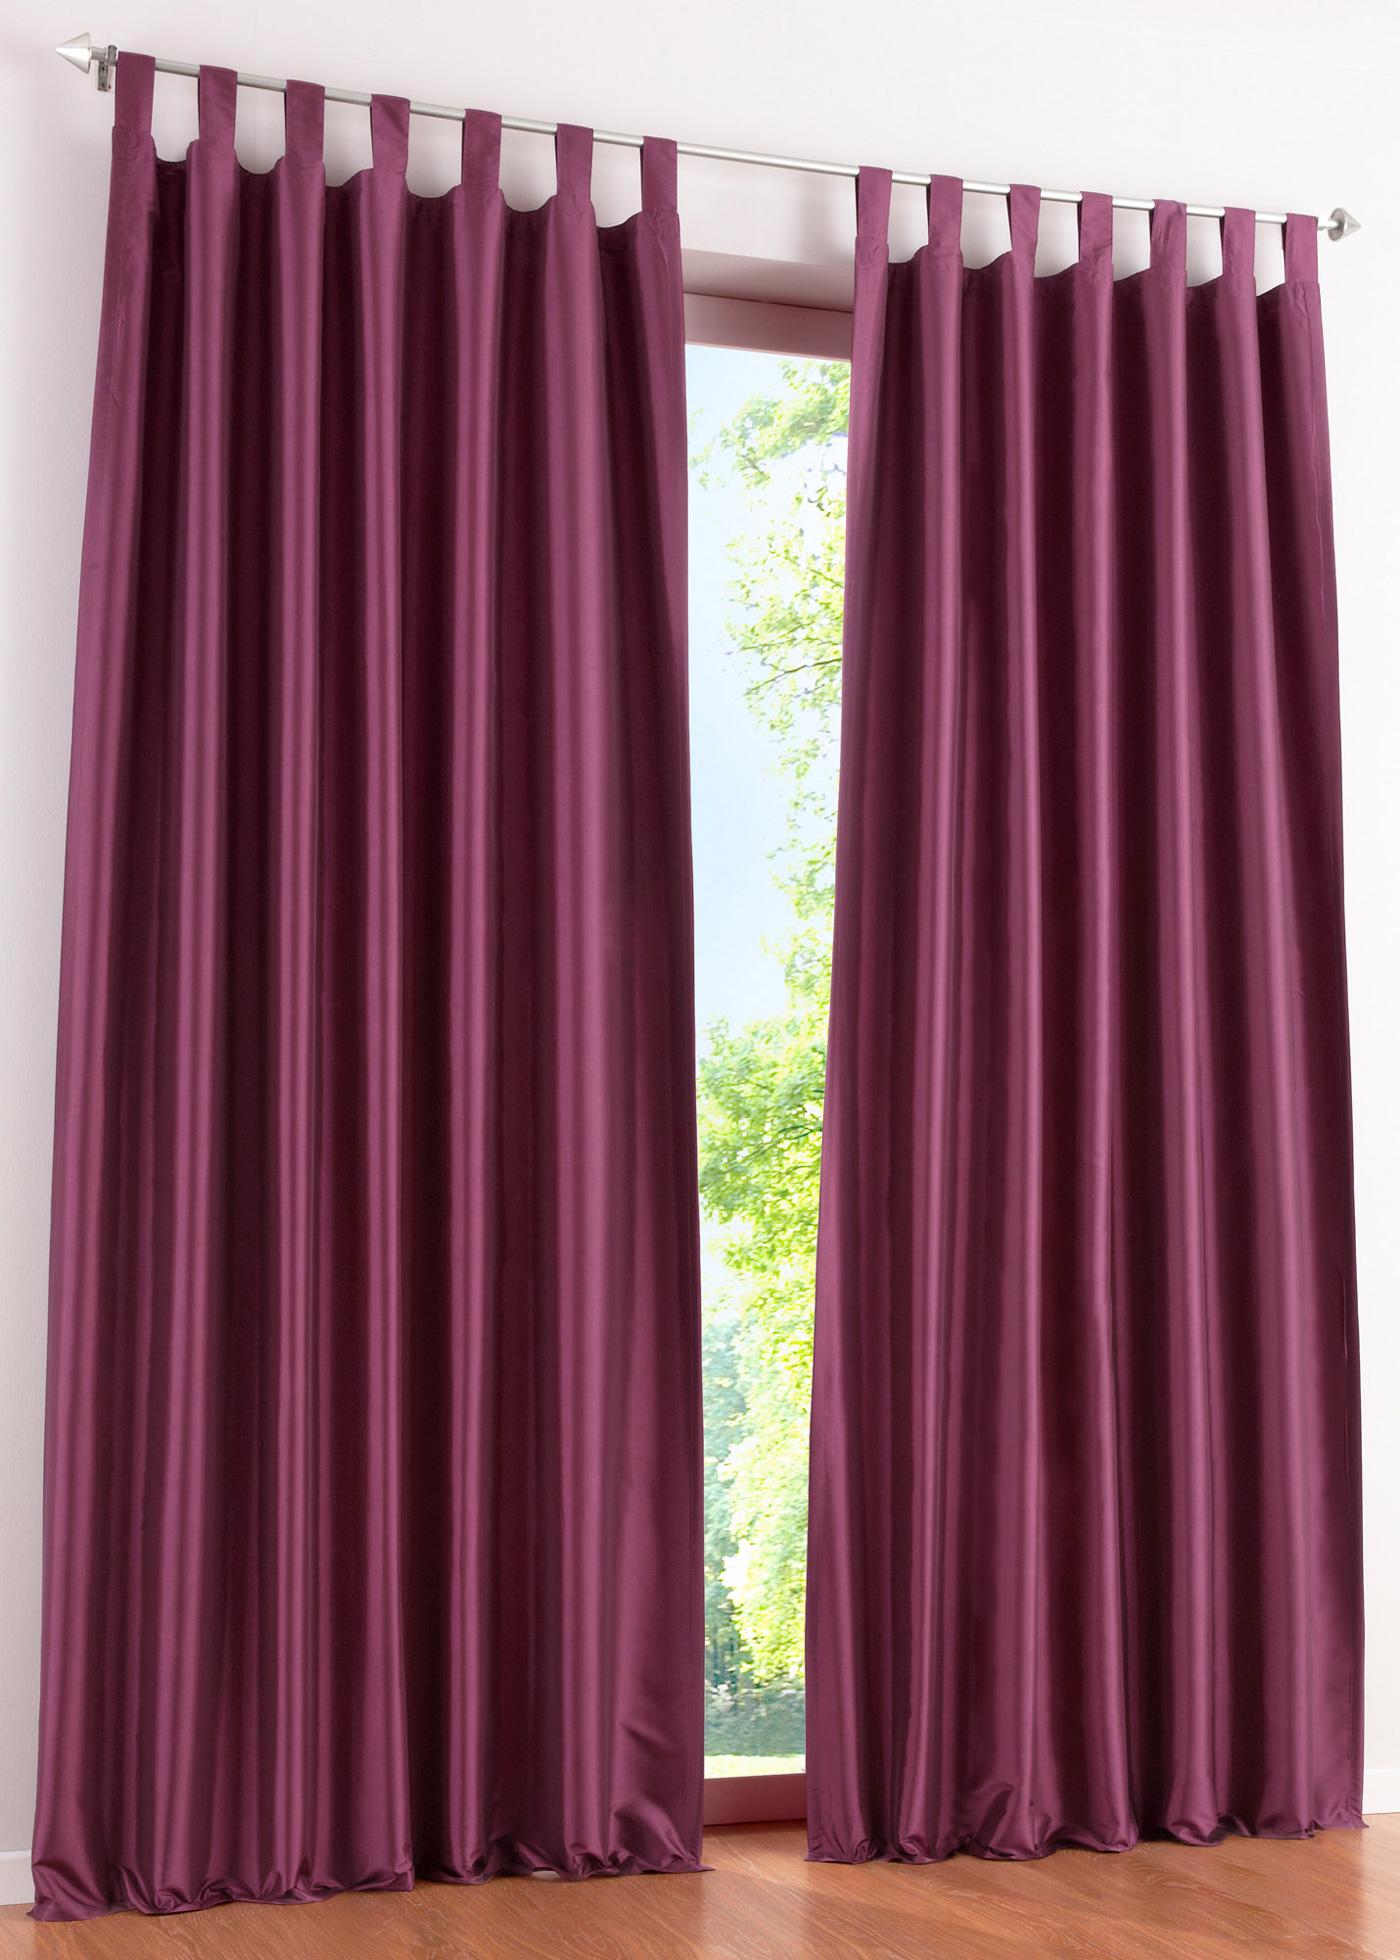 gardinen blickdicht lila preisvergleiche erfahrungsberichte und kauf bei nextag. Black Bedroom Furniture Sets. Home Design Ideas